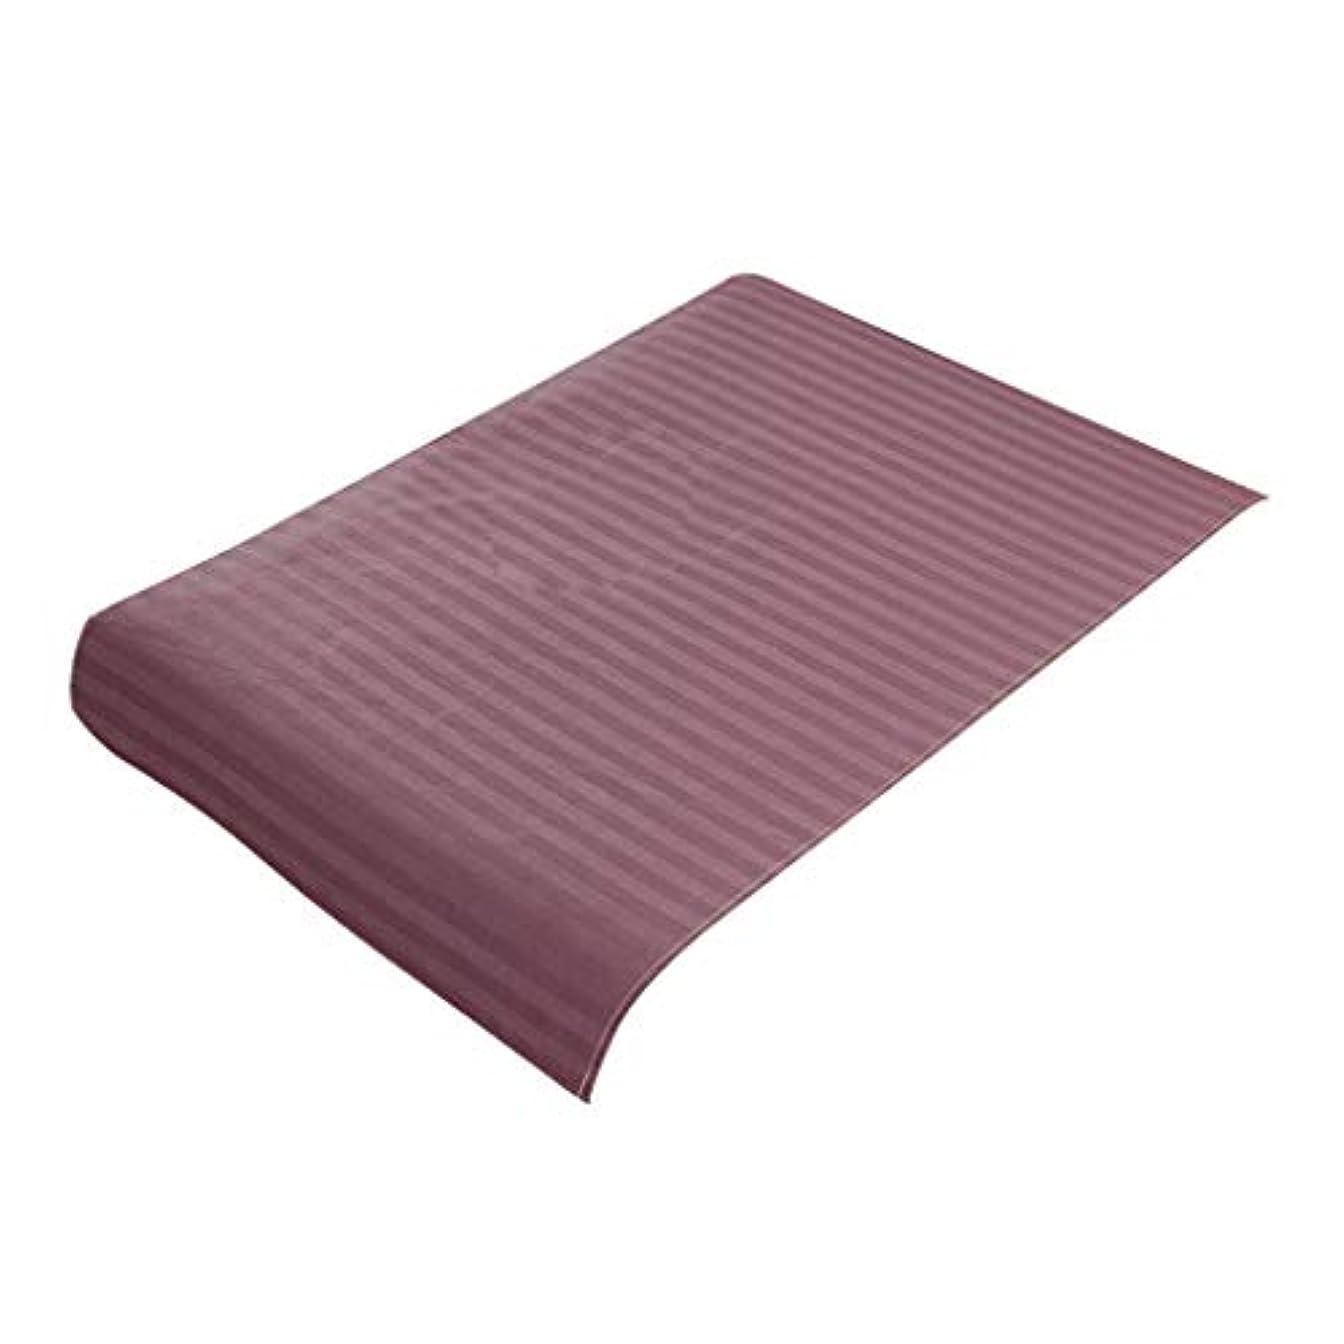 肯定的正確な効率的Perfeclan ベッドカバー 美容 サロン スパ マッサージ ベッドシート フェース用 ピュアコットン - 紫